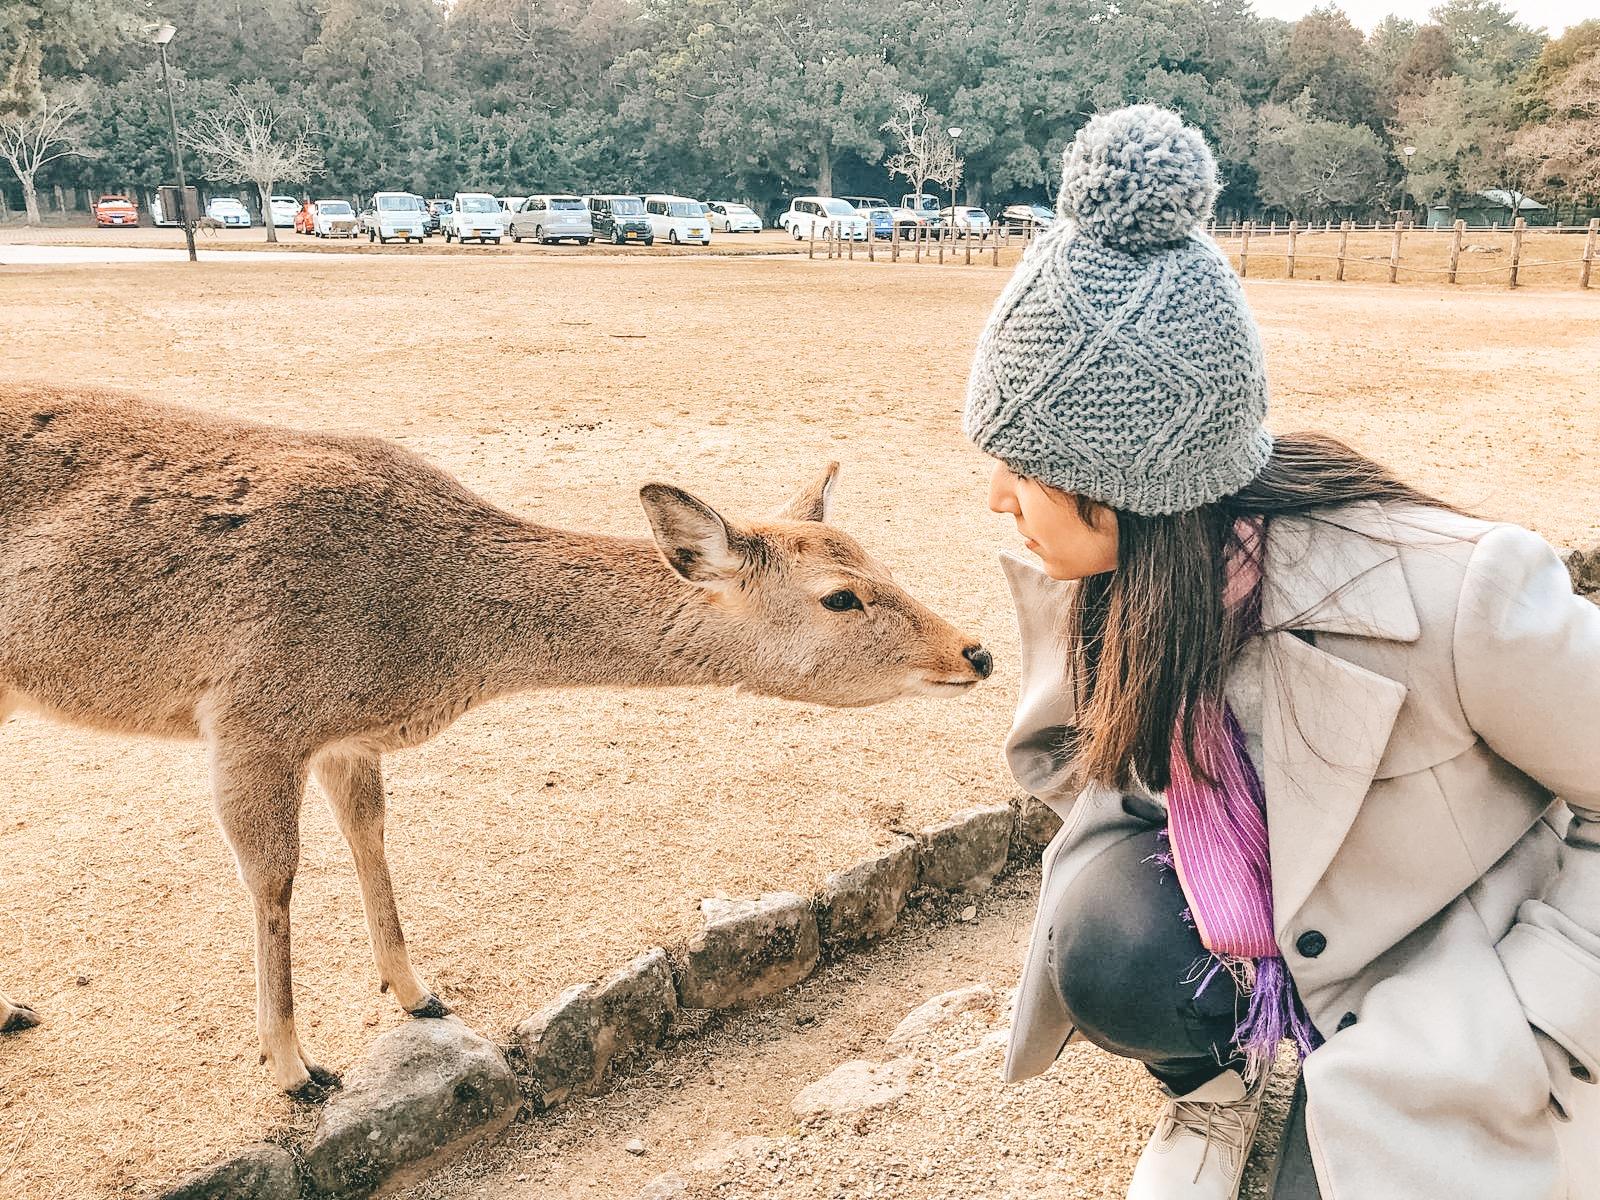 Feeding the deer in Nara - Kyoto, Japan